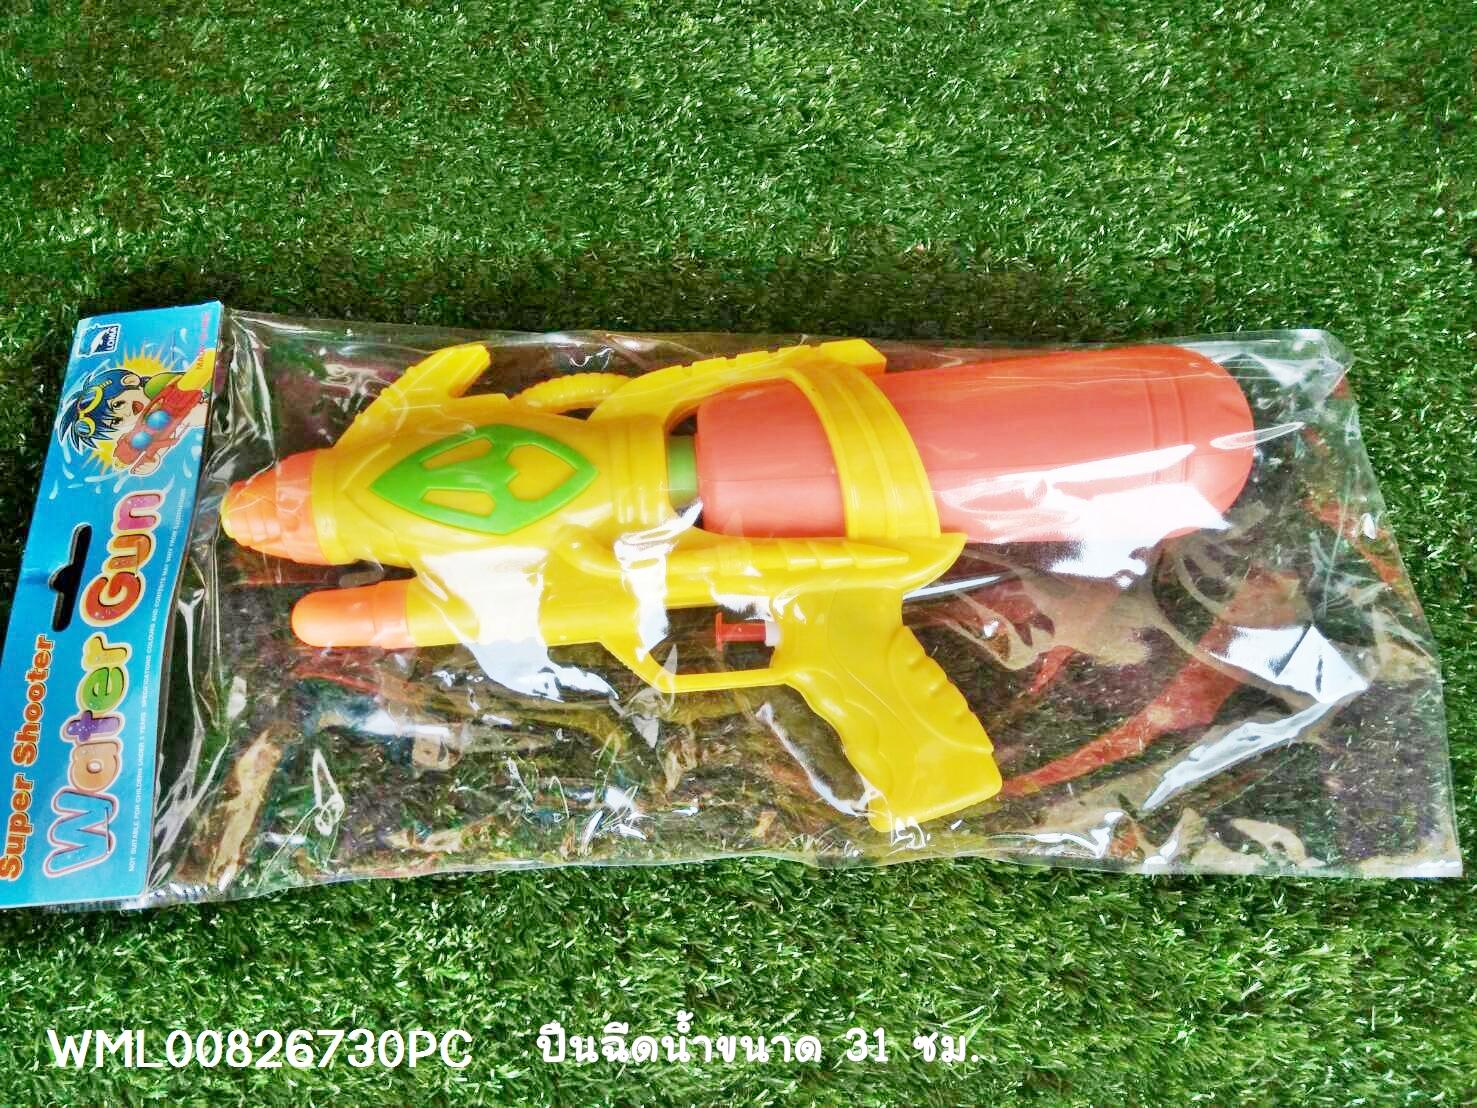 ปืนฉีดน้ำขนาด 31 ซม.**ซื้อ 1 แถม 1**